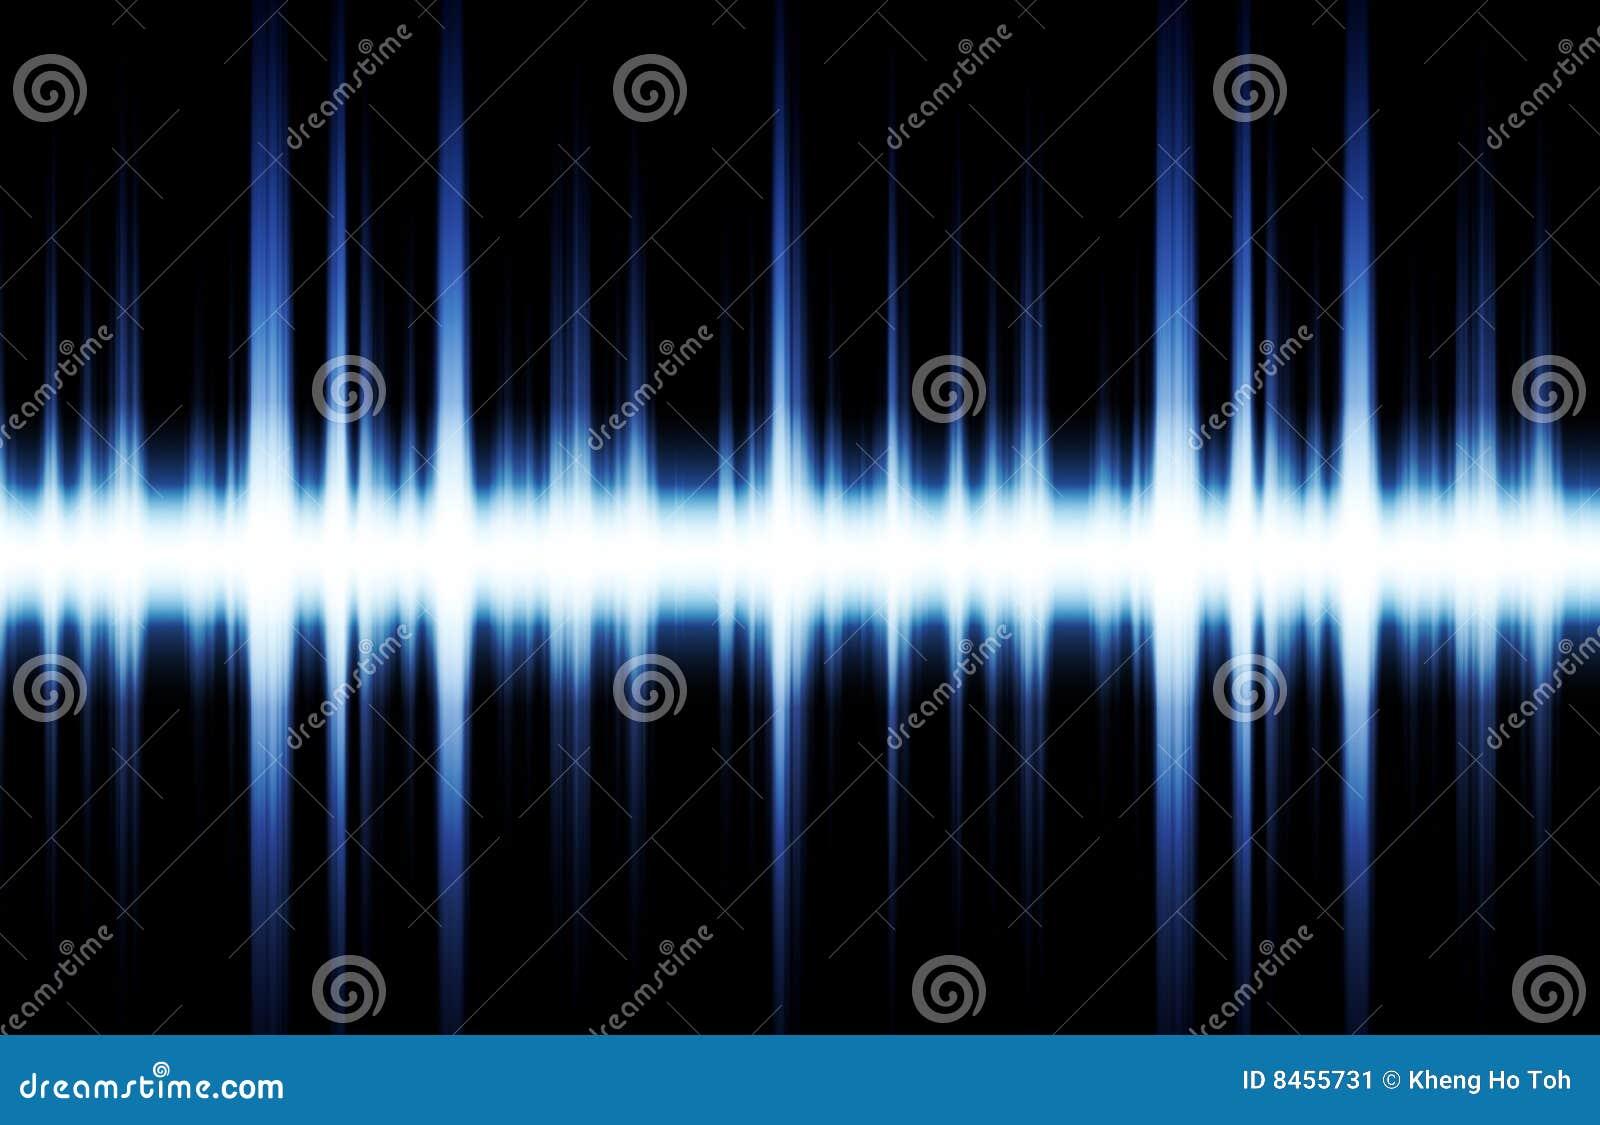 Göra sammandrag inspirerad musik för bakgrund dj